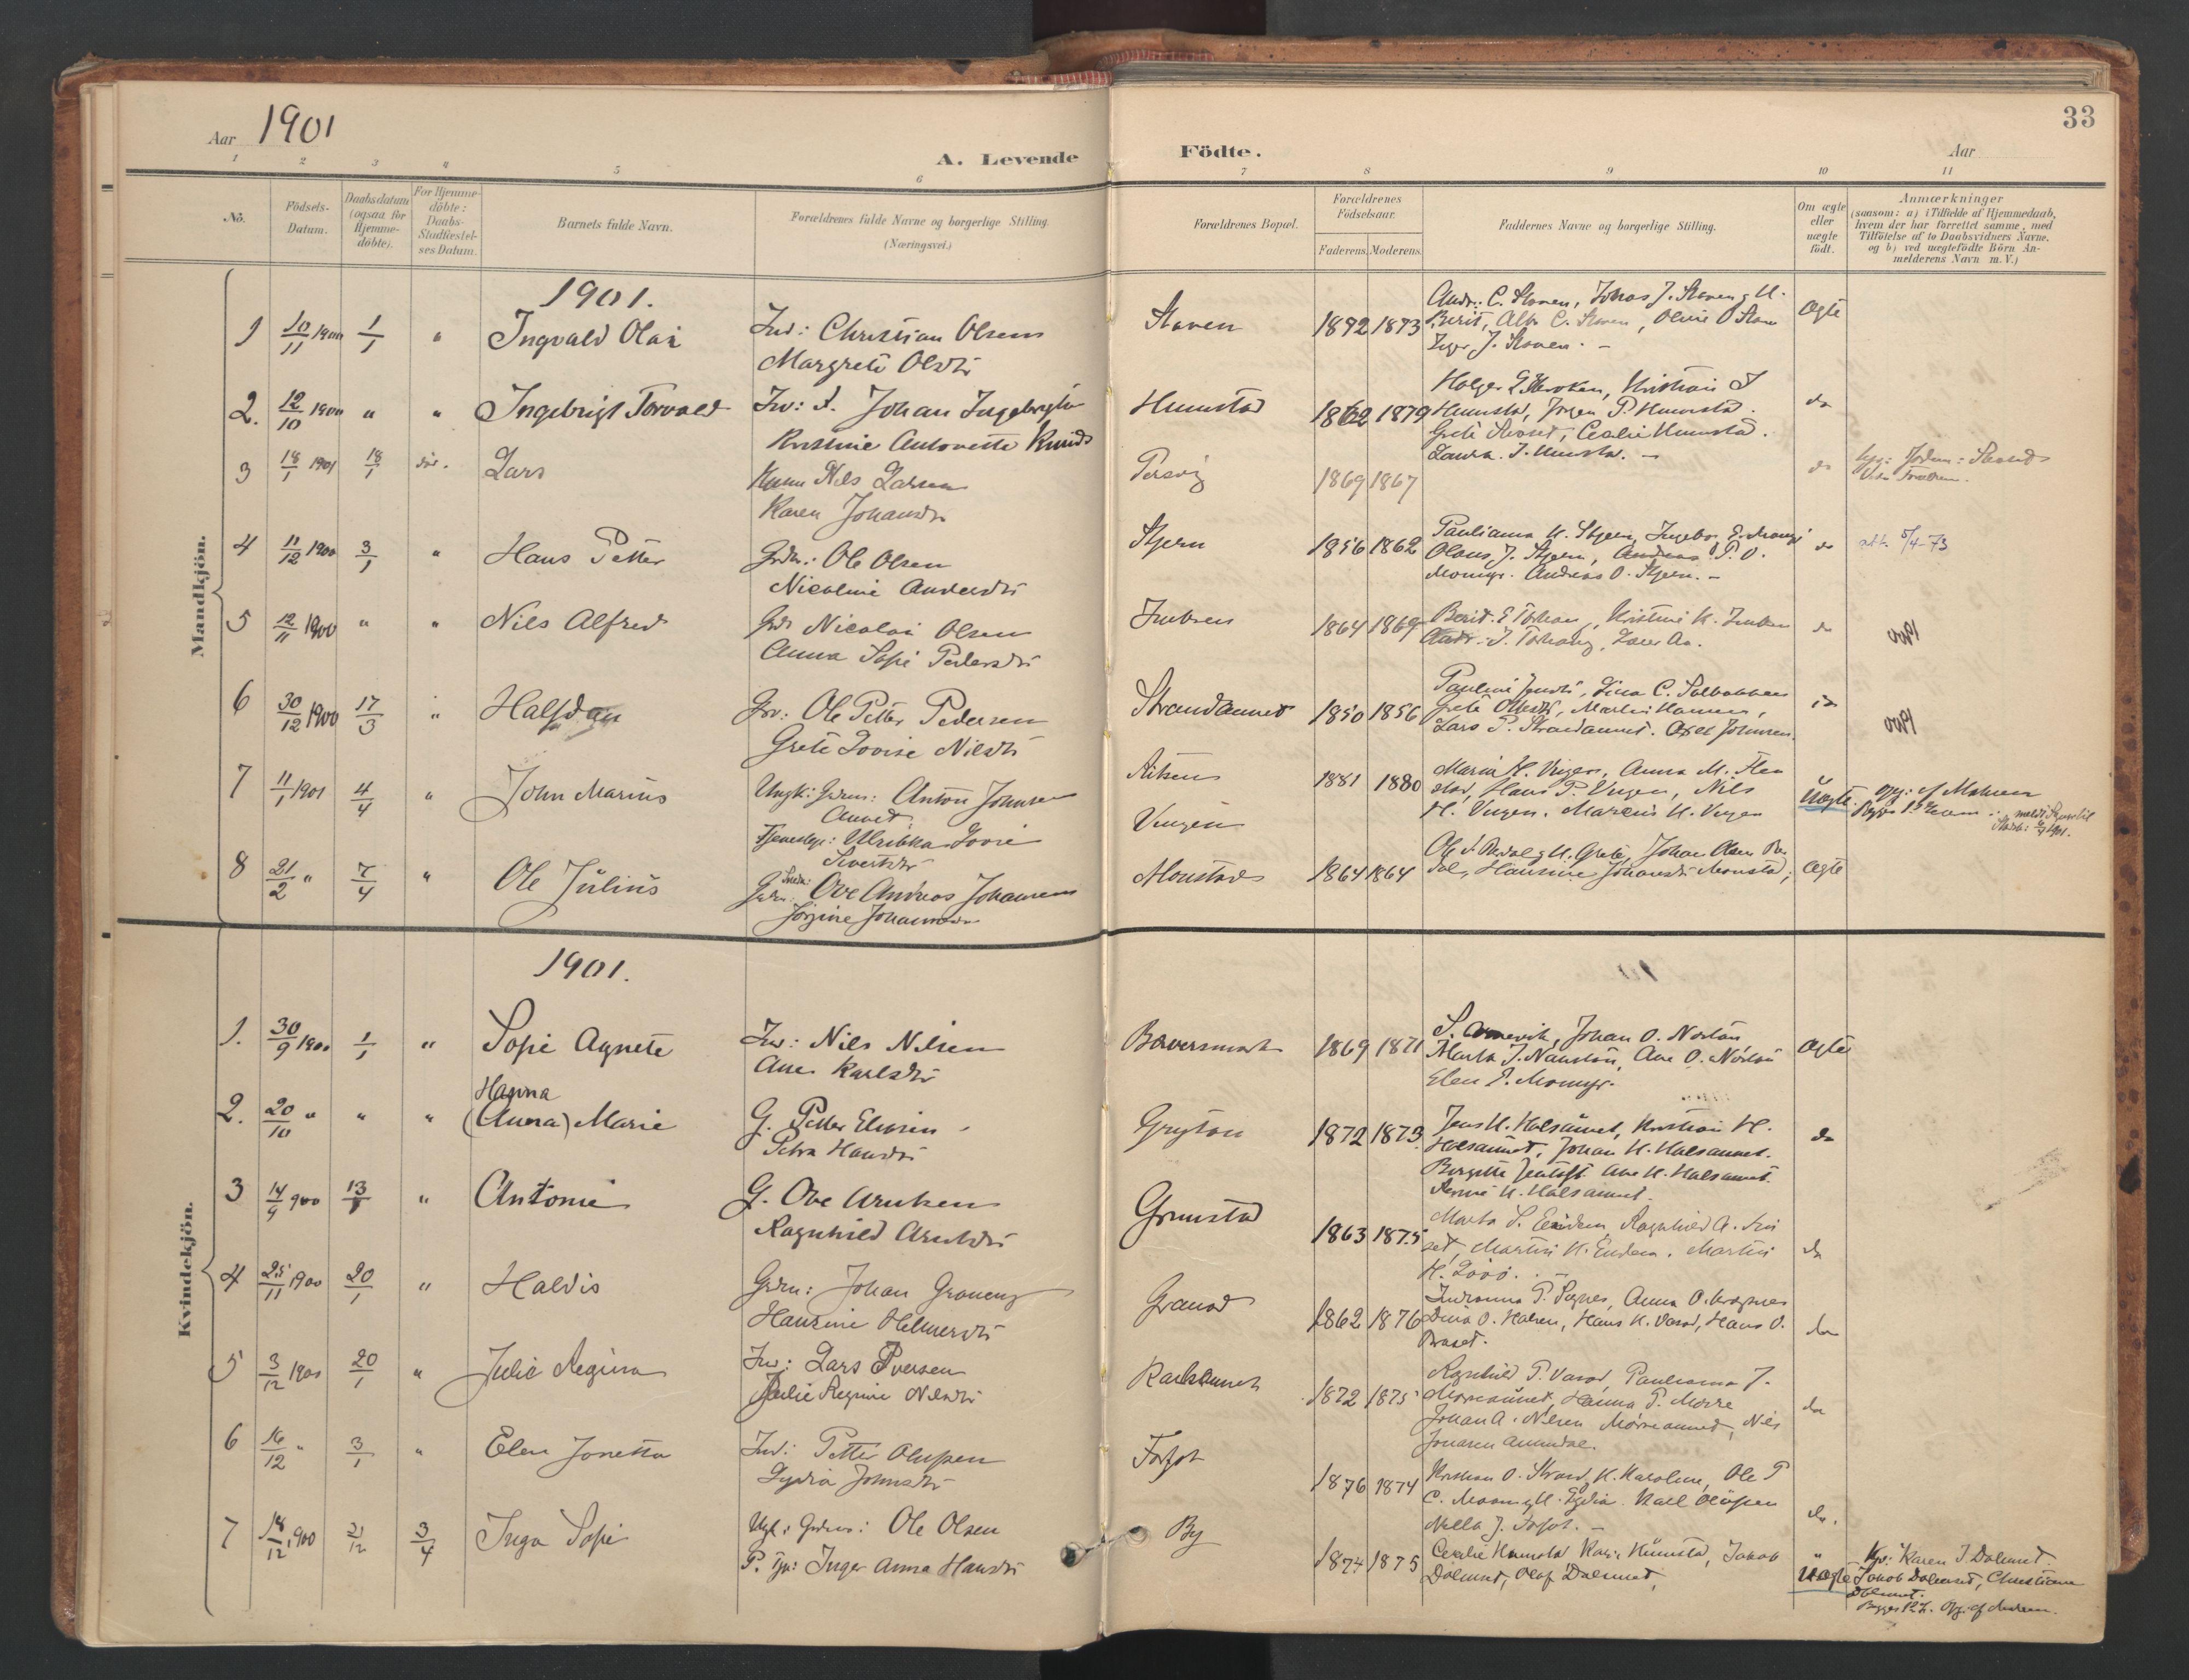 SAT, Ministerialprotokoller, klokkerbøker og fødselsregistre - Sør-Trøndelag, 655/L0681: Ministerialbok nr. 655A10, 1895-1907, s. 33